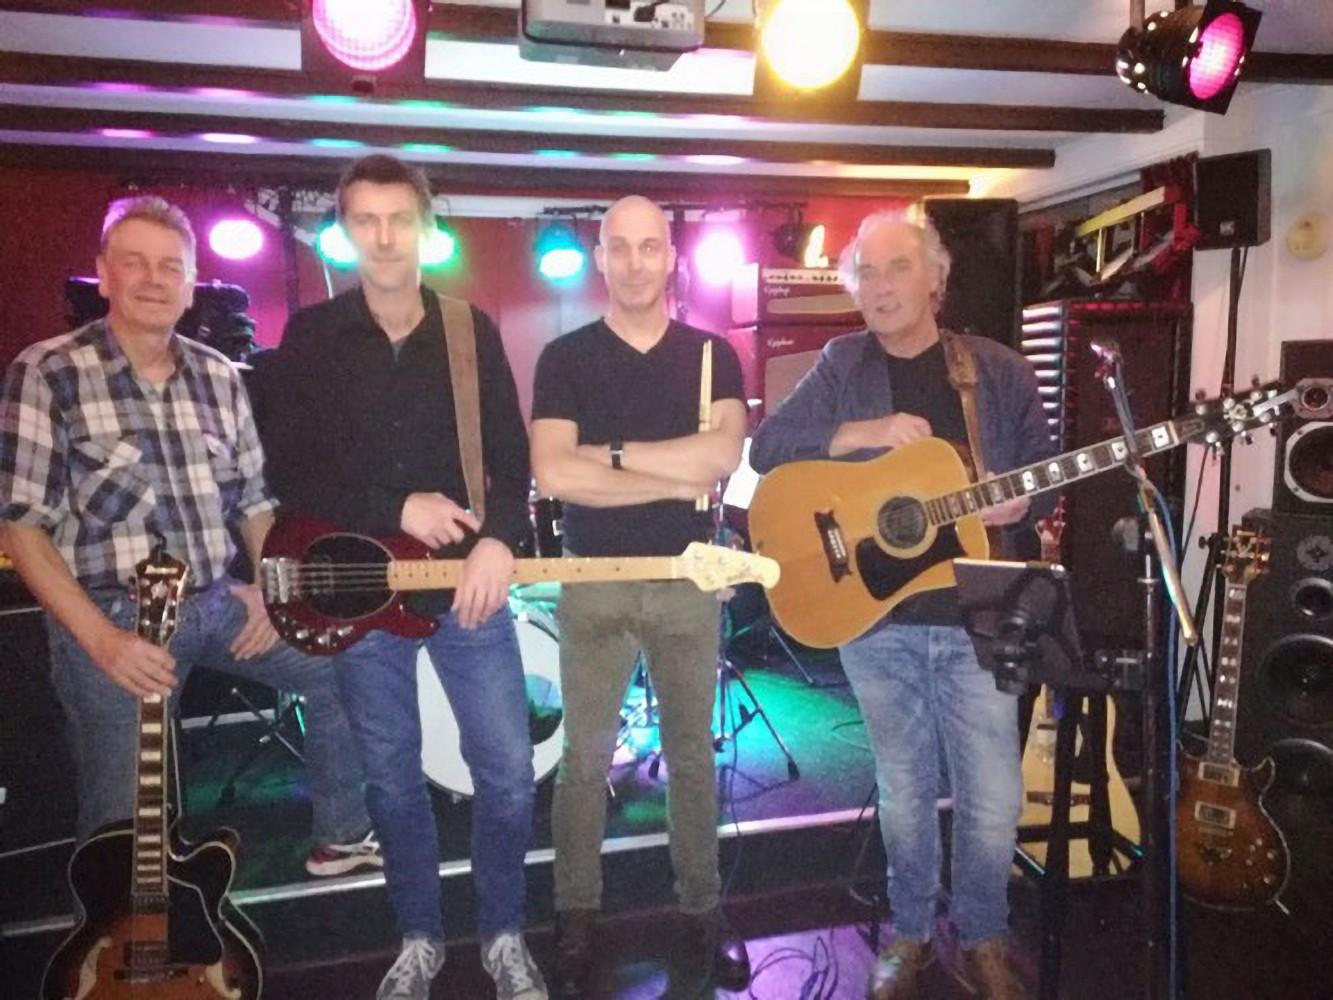 Koppelsessie met Carel Jansen Band relaxte en ongedwongen muziek, van jazz tot Beatles en rock 'n roll